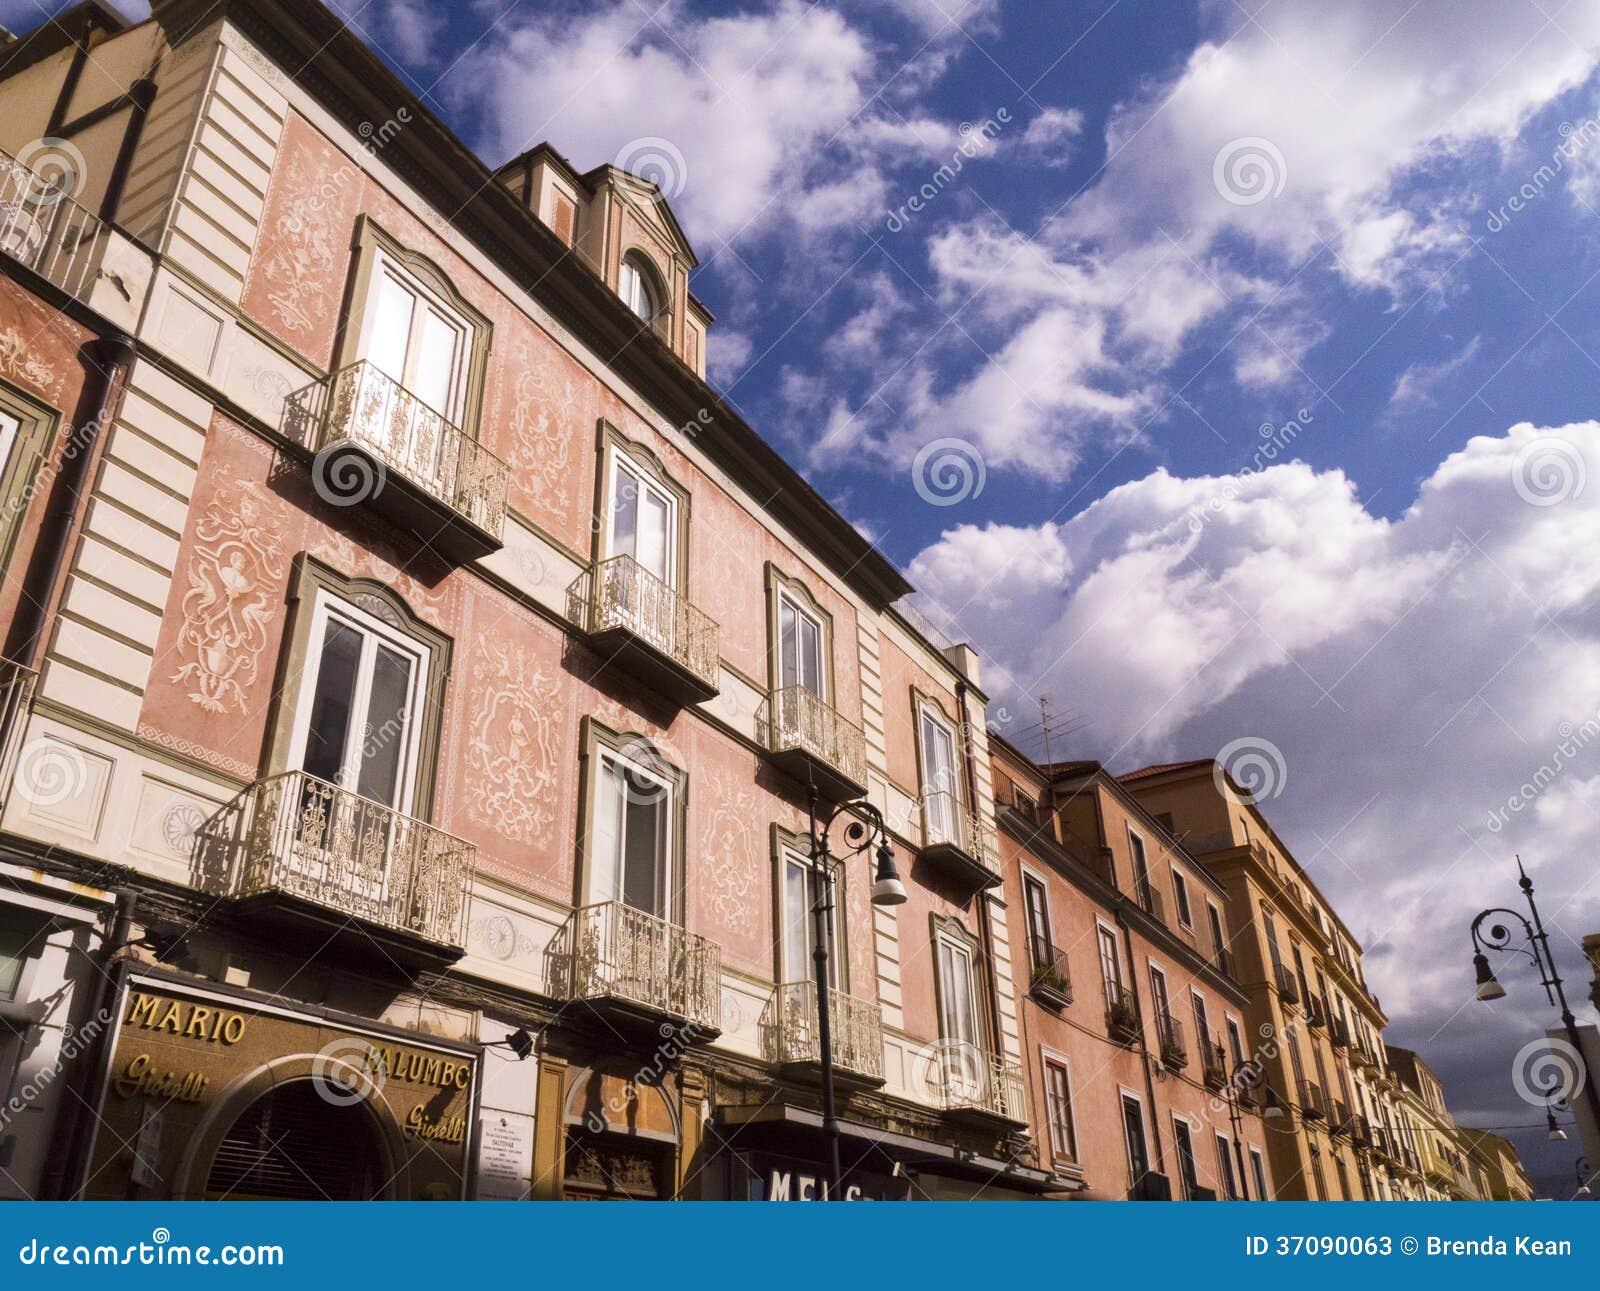 Download Corsa Italia W Sorrento Włochy Zdjęcie Stock Editorial - Obraz złożonej z drewno, markietaż: 37090063